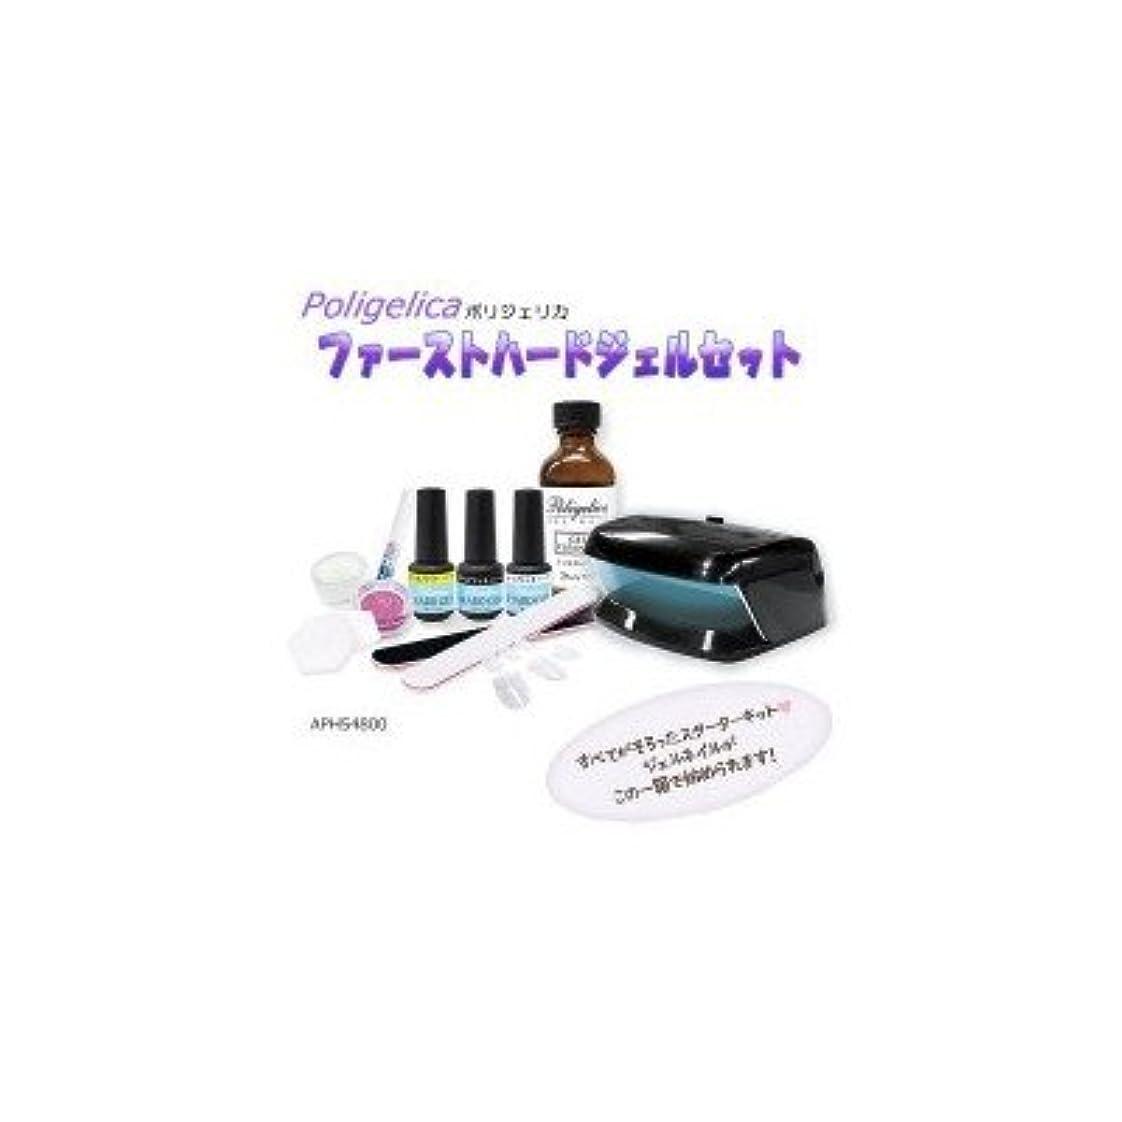 不忠リスナーおビューティーワールド ポリジェリカ Poligelica LEDミニライト付 ファーストハードジェルセット APHS4800